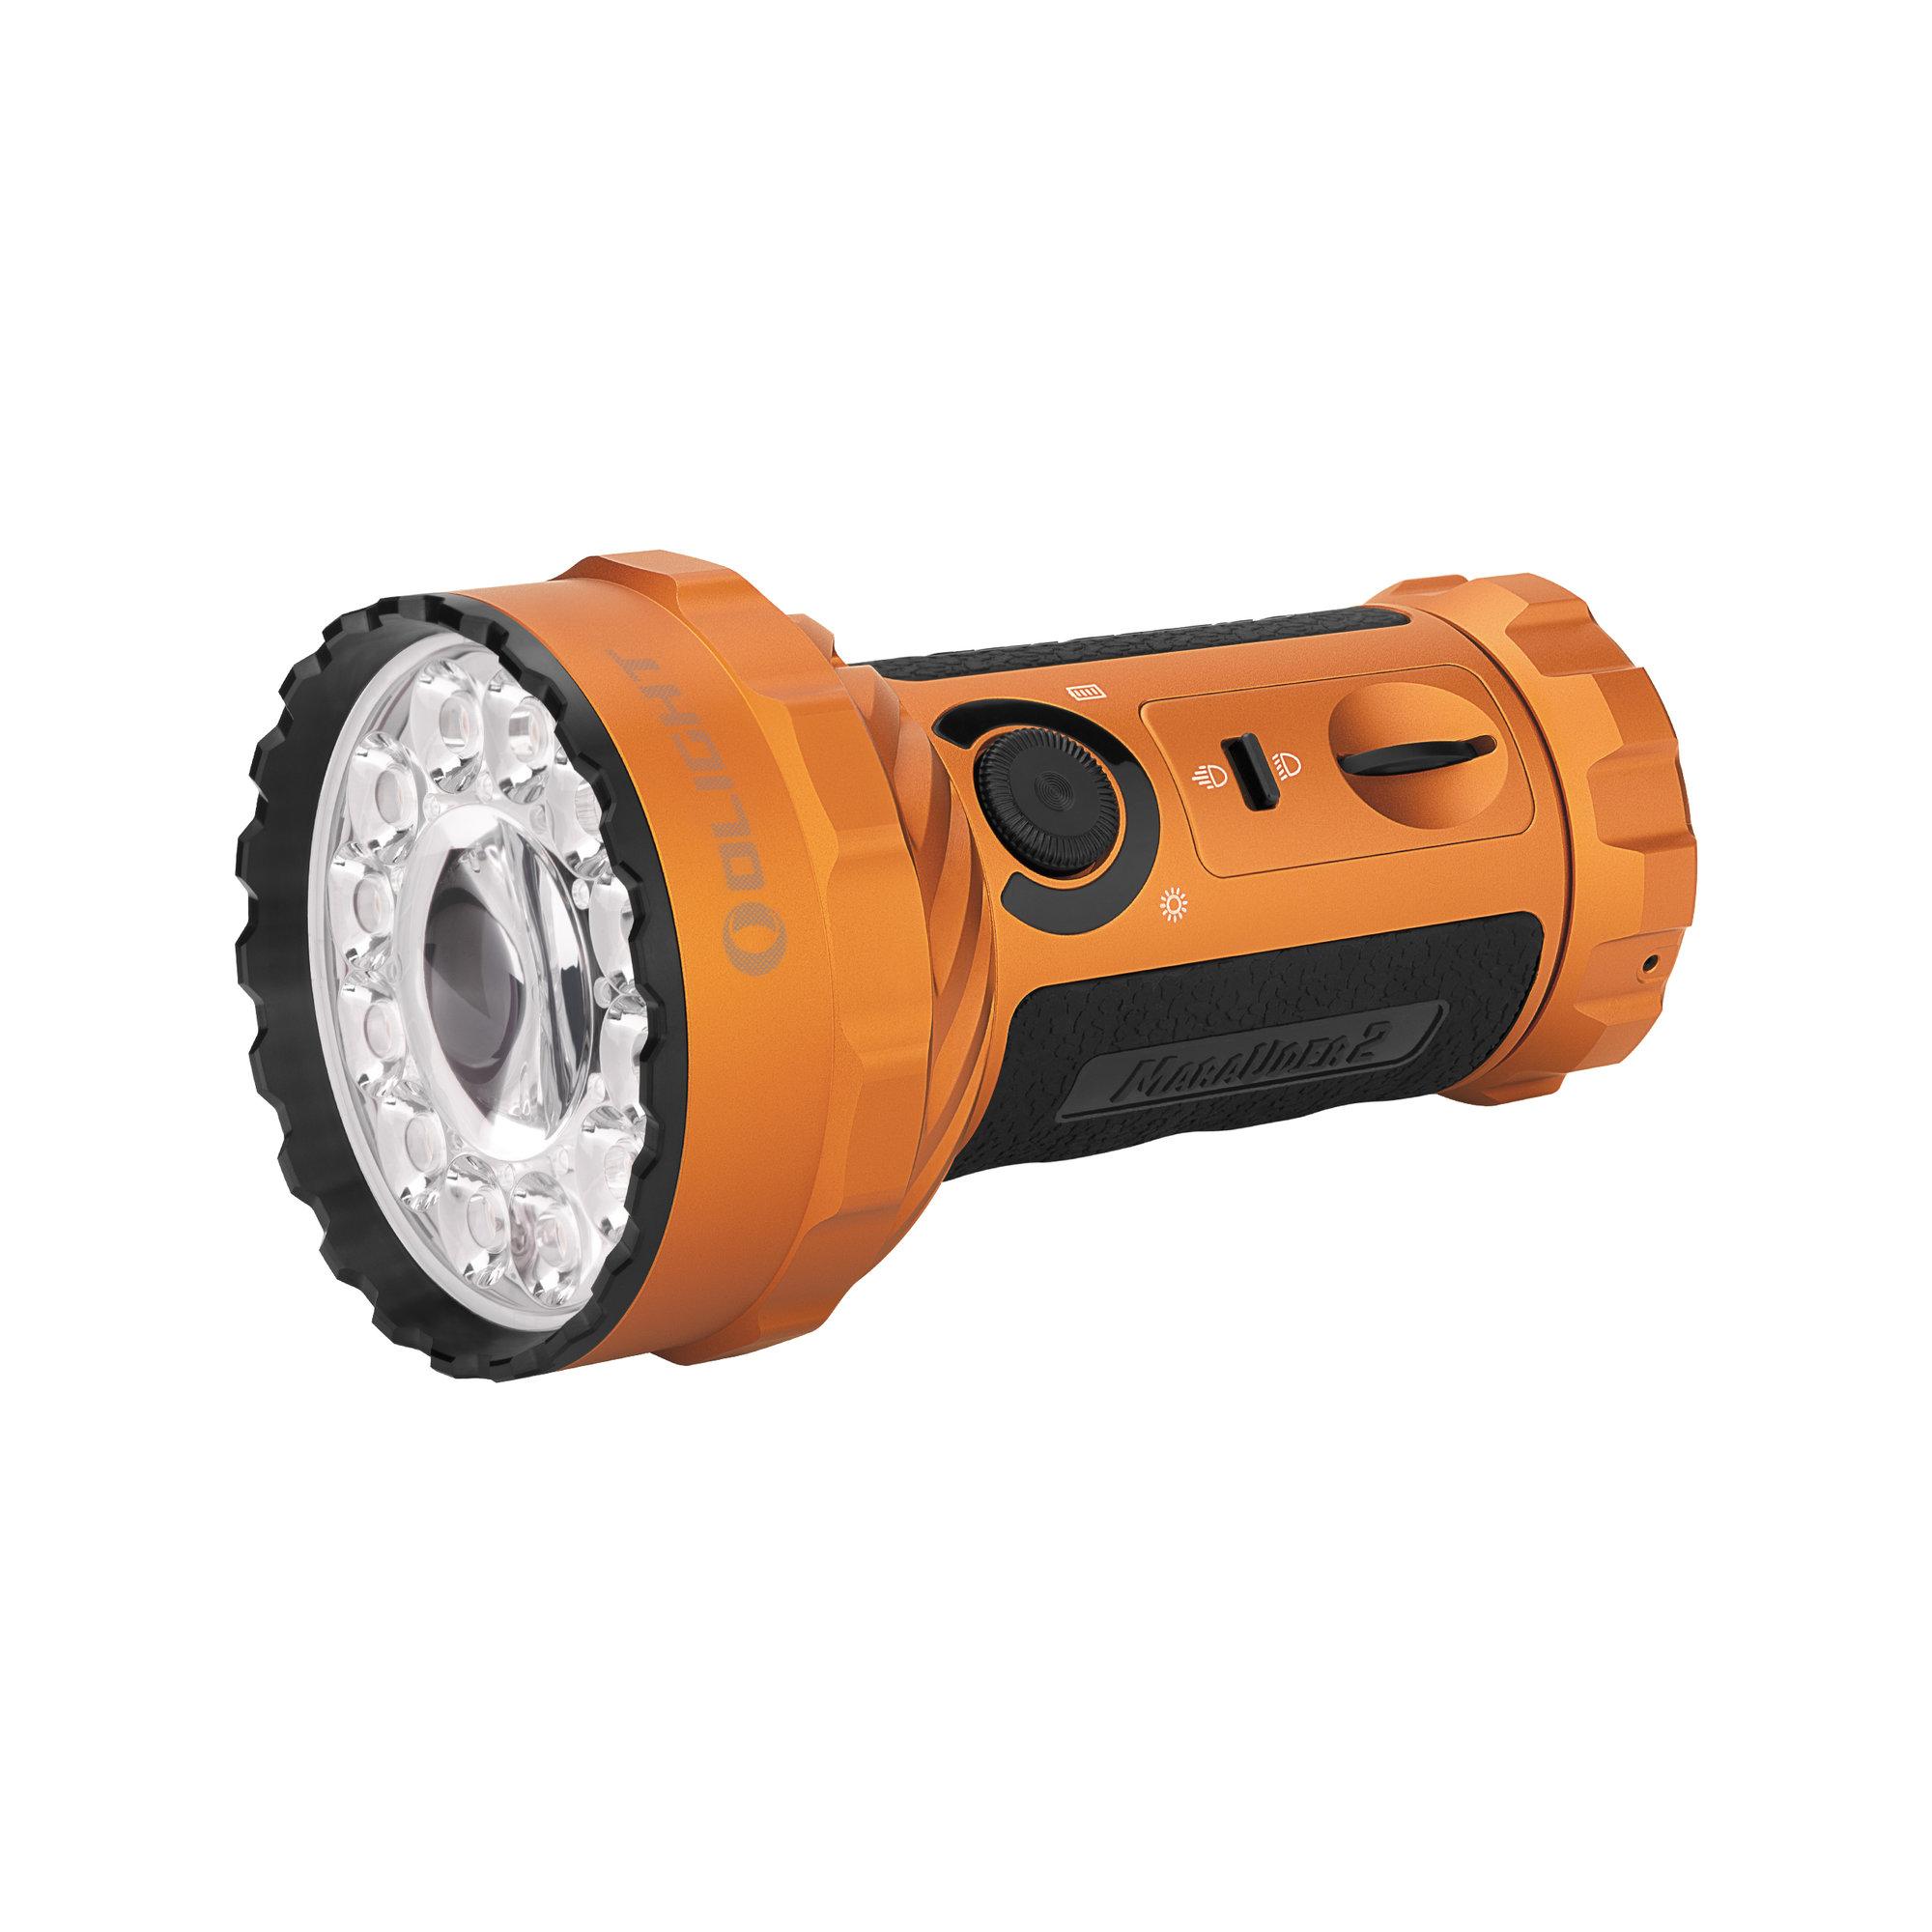 LED baterka Olight Marauder 2 14000 lm s možnosťou bodového svietenia orange - limitovaná edícia